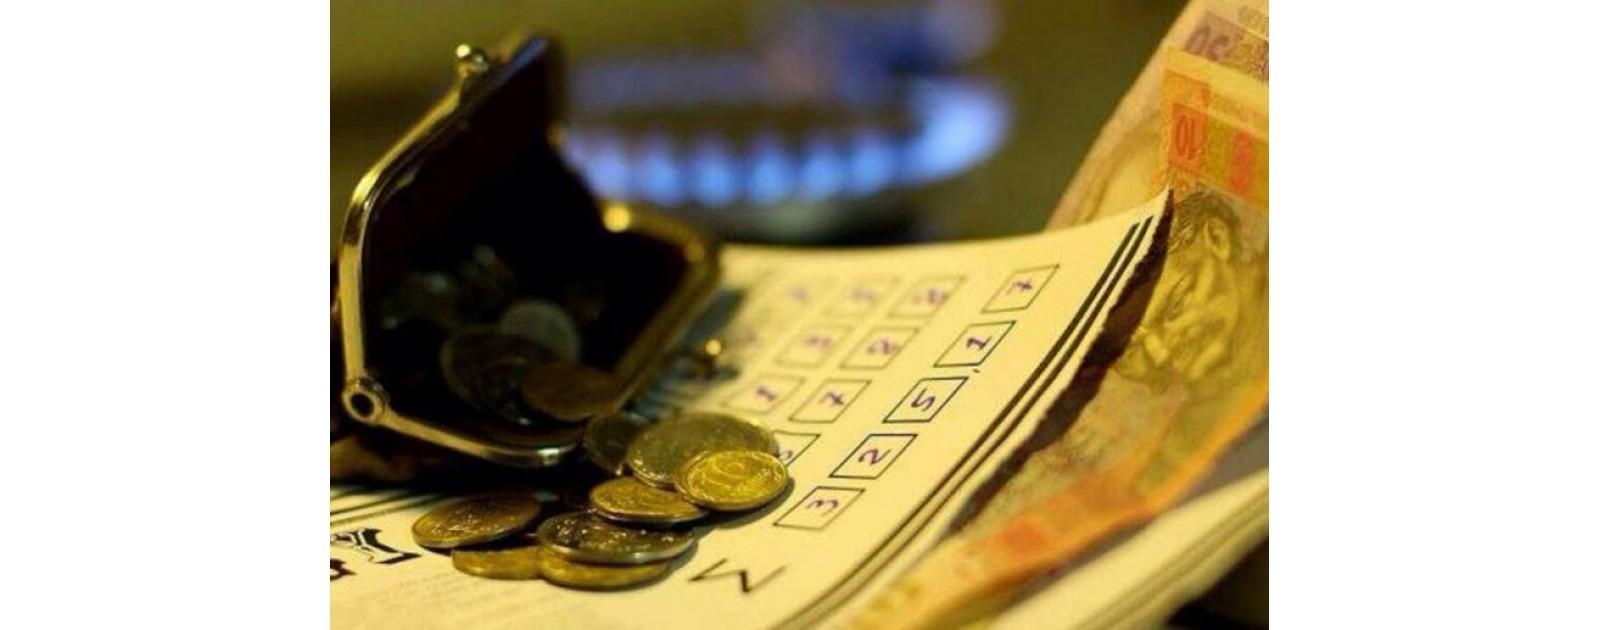 Цены на газ вырастут до космических, готовьте ваши денежки